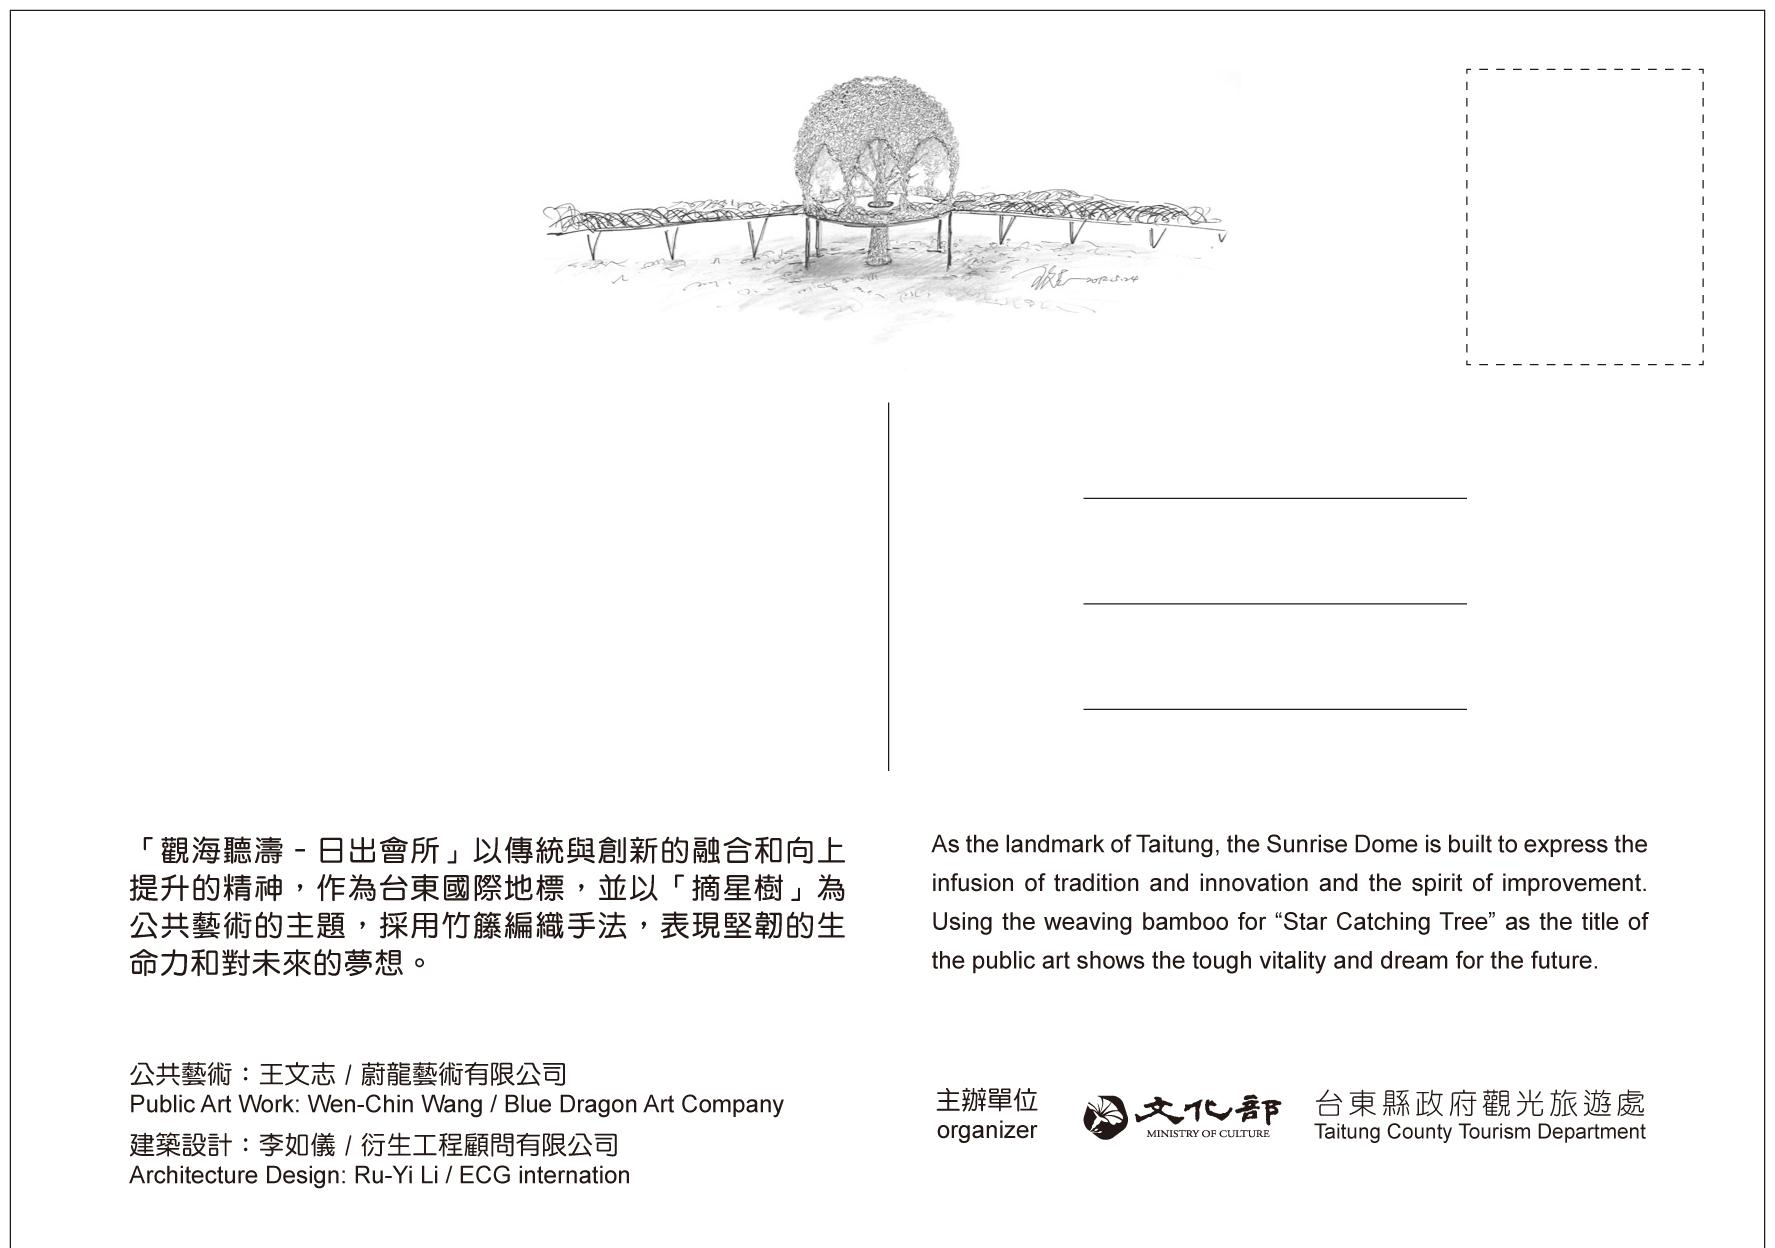 台東地標明信片背面1113